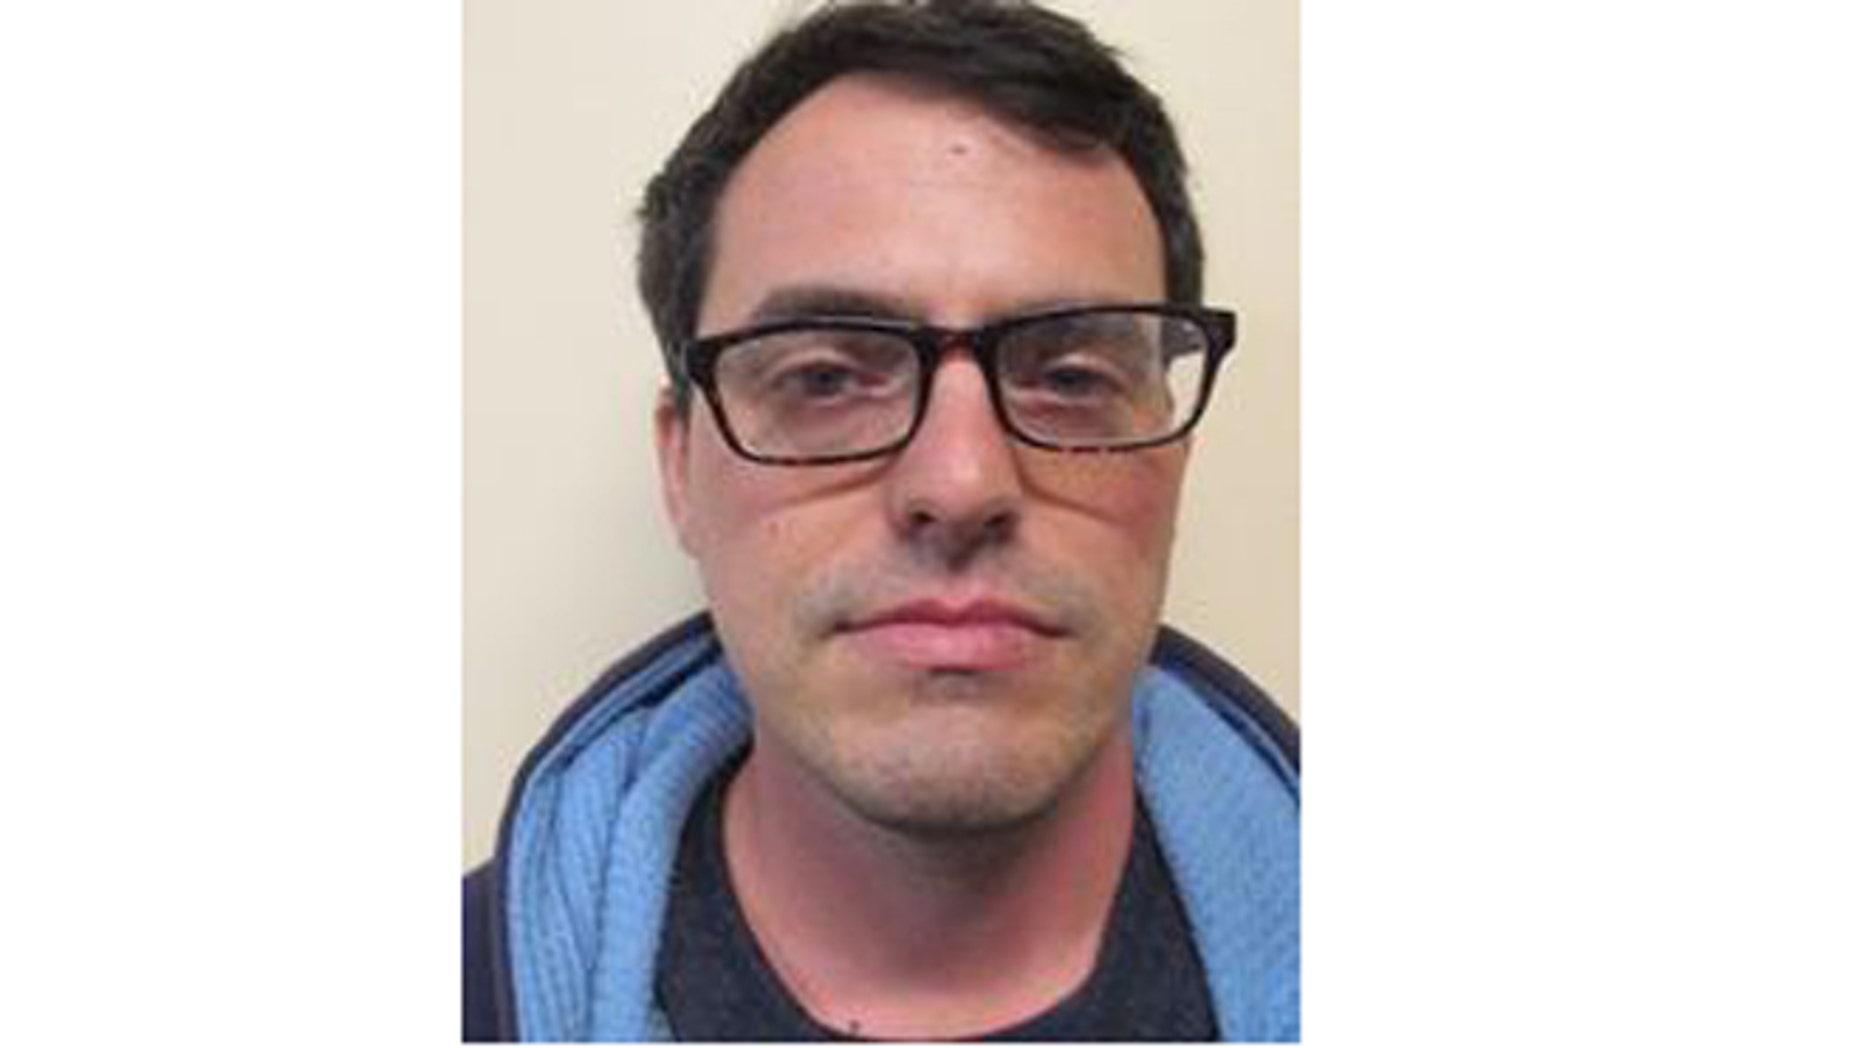 Mugshot for Ronald Atzmon, 31, of Carmel, N.Y.